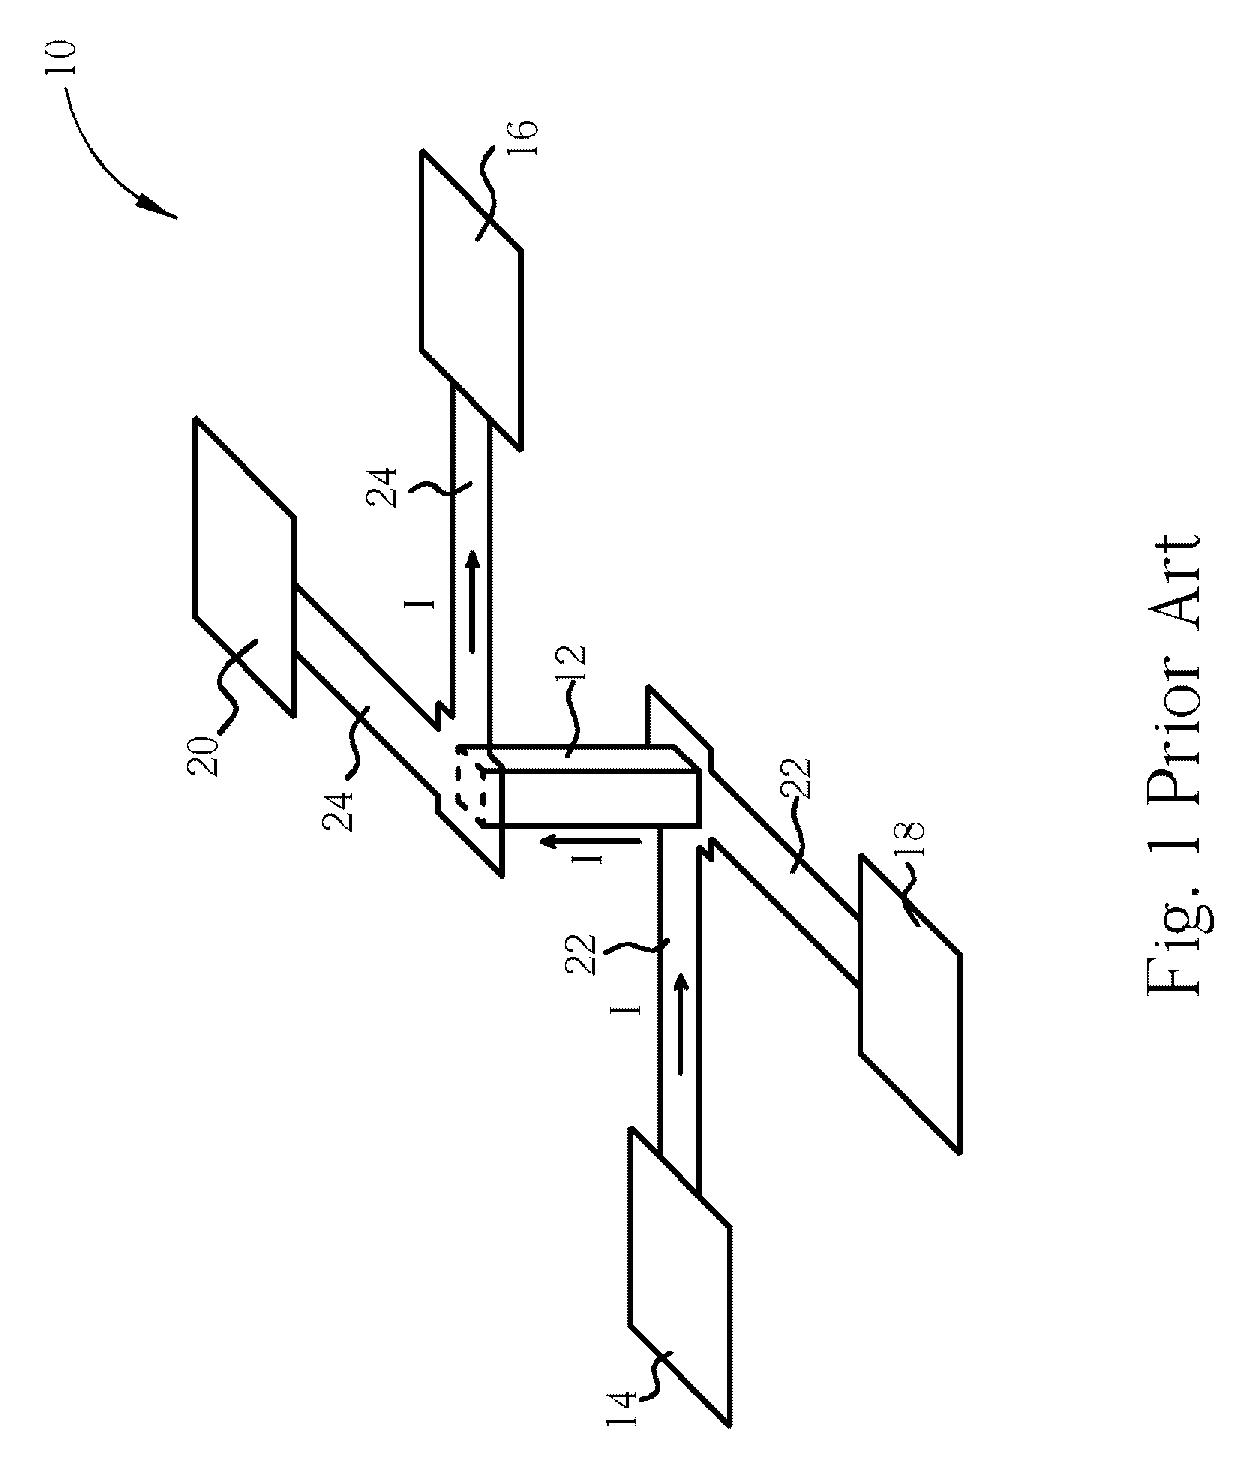 patent us20060220012